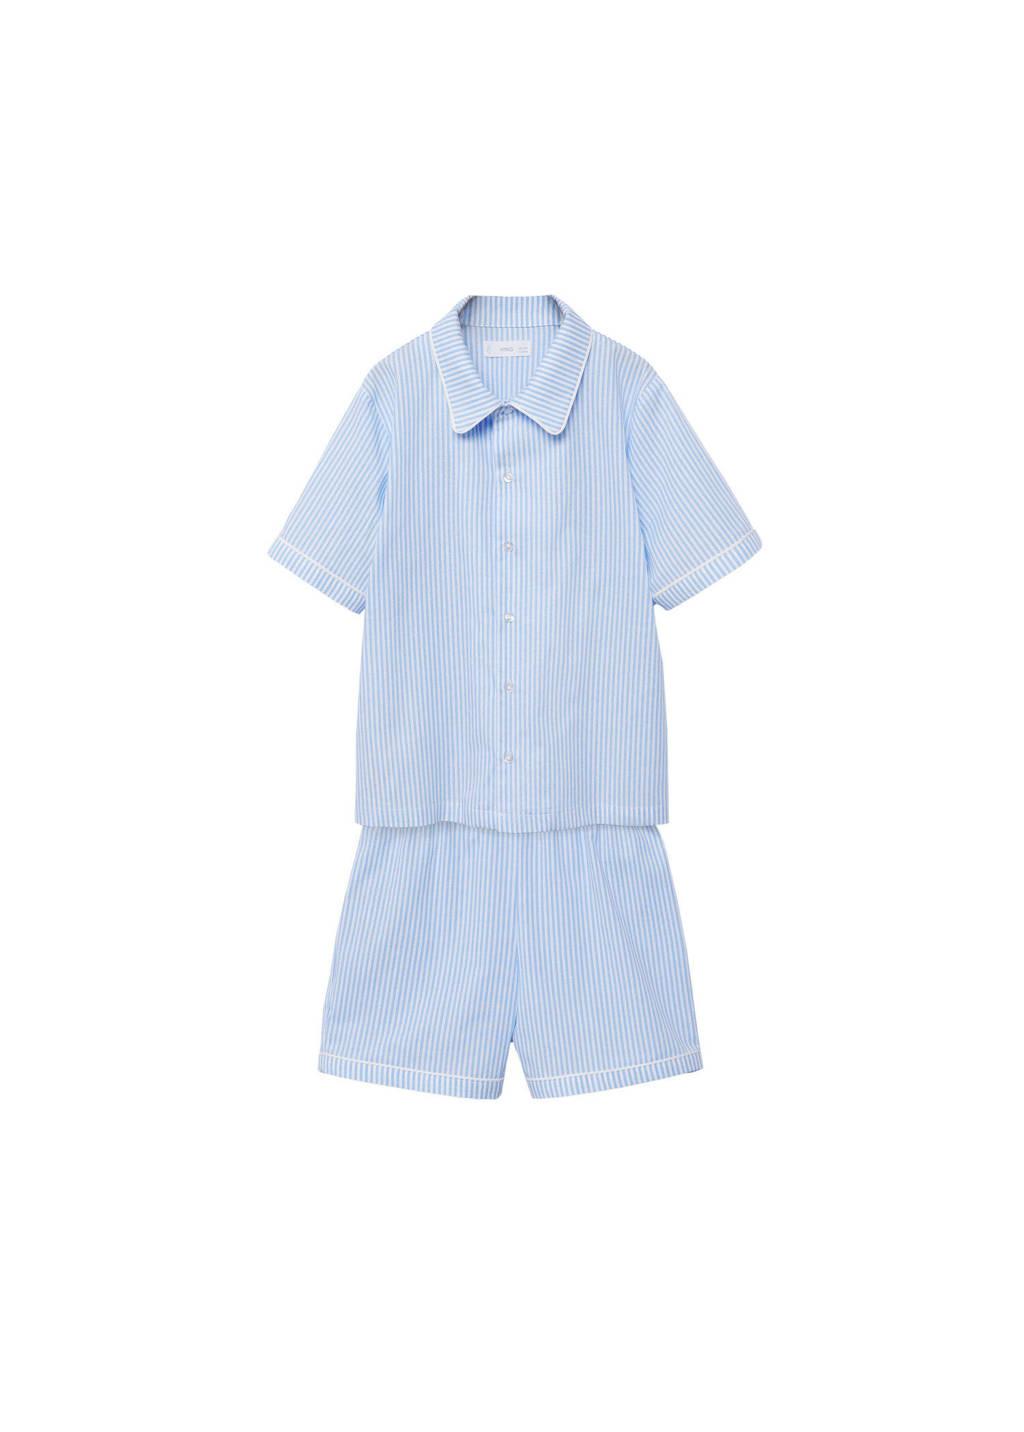 Mango Kids   gestreepte shortama lichtblauw/wit, Lichtblauw/wit